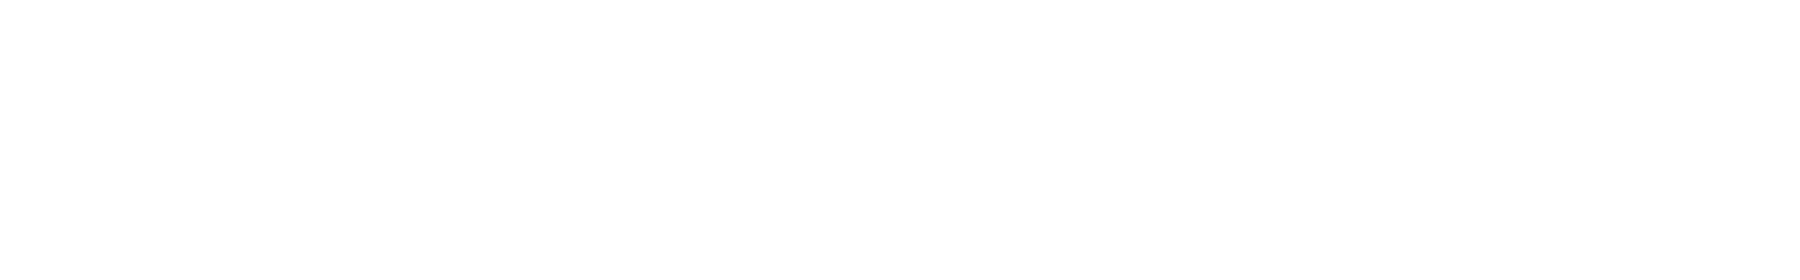 veh2 synths   126 c